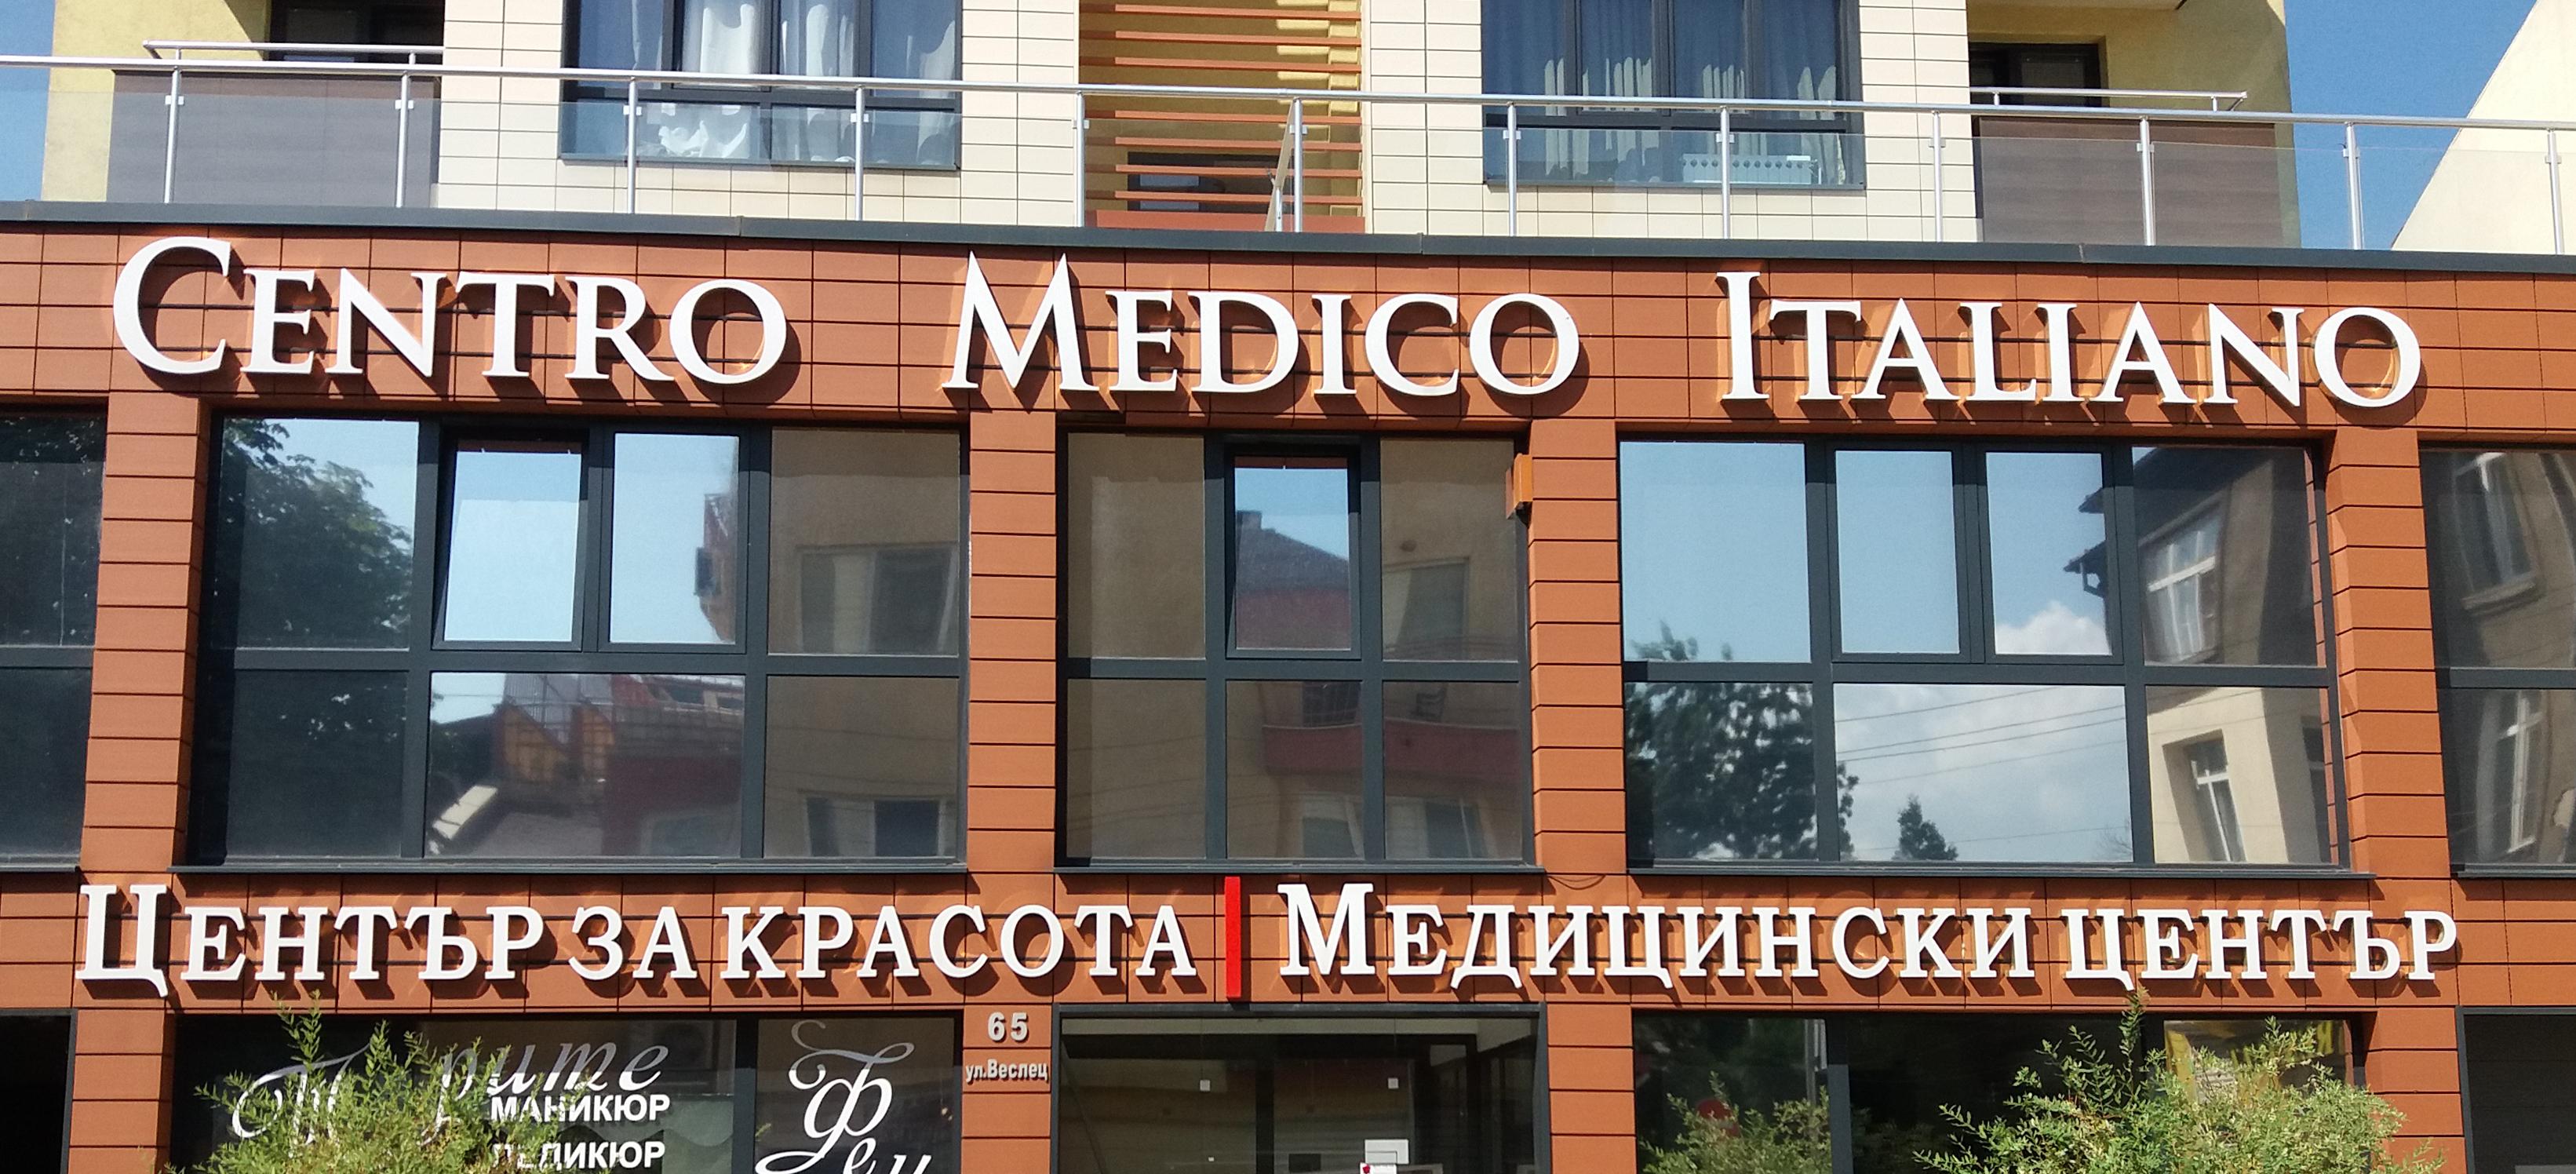 Обемни букви Centro Medico Italiano